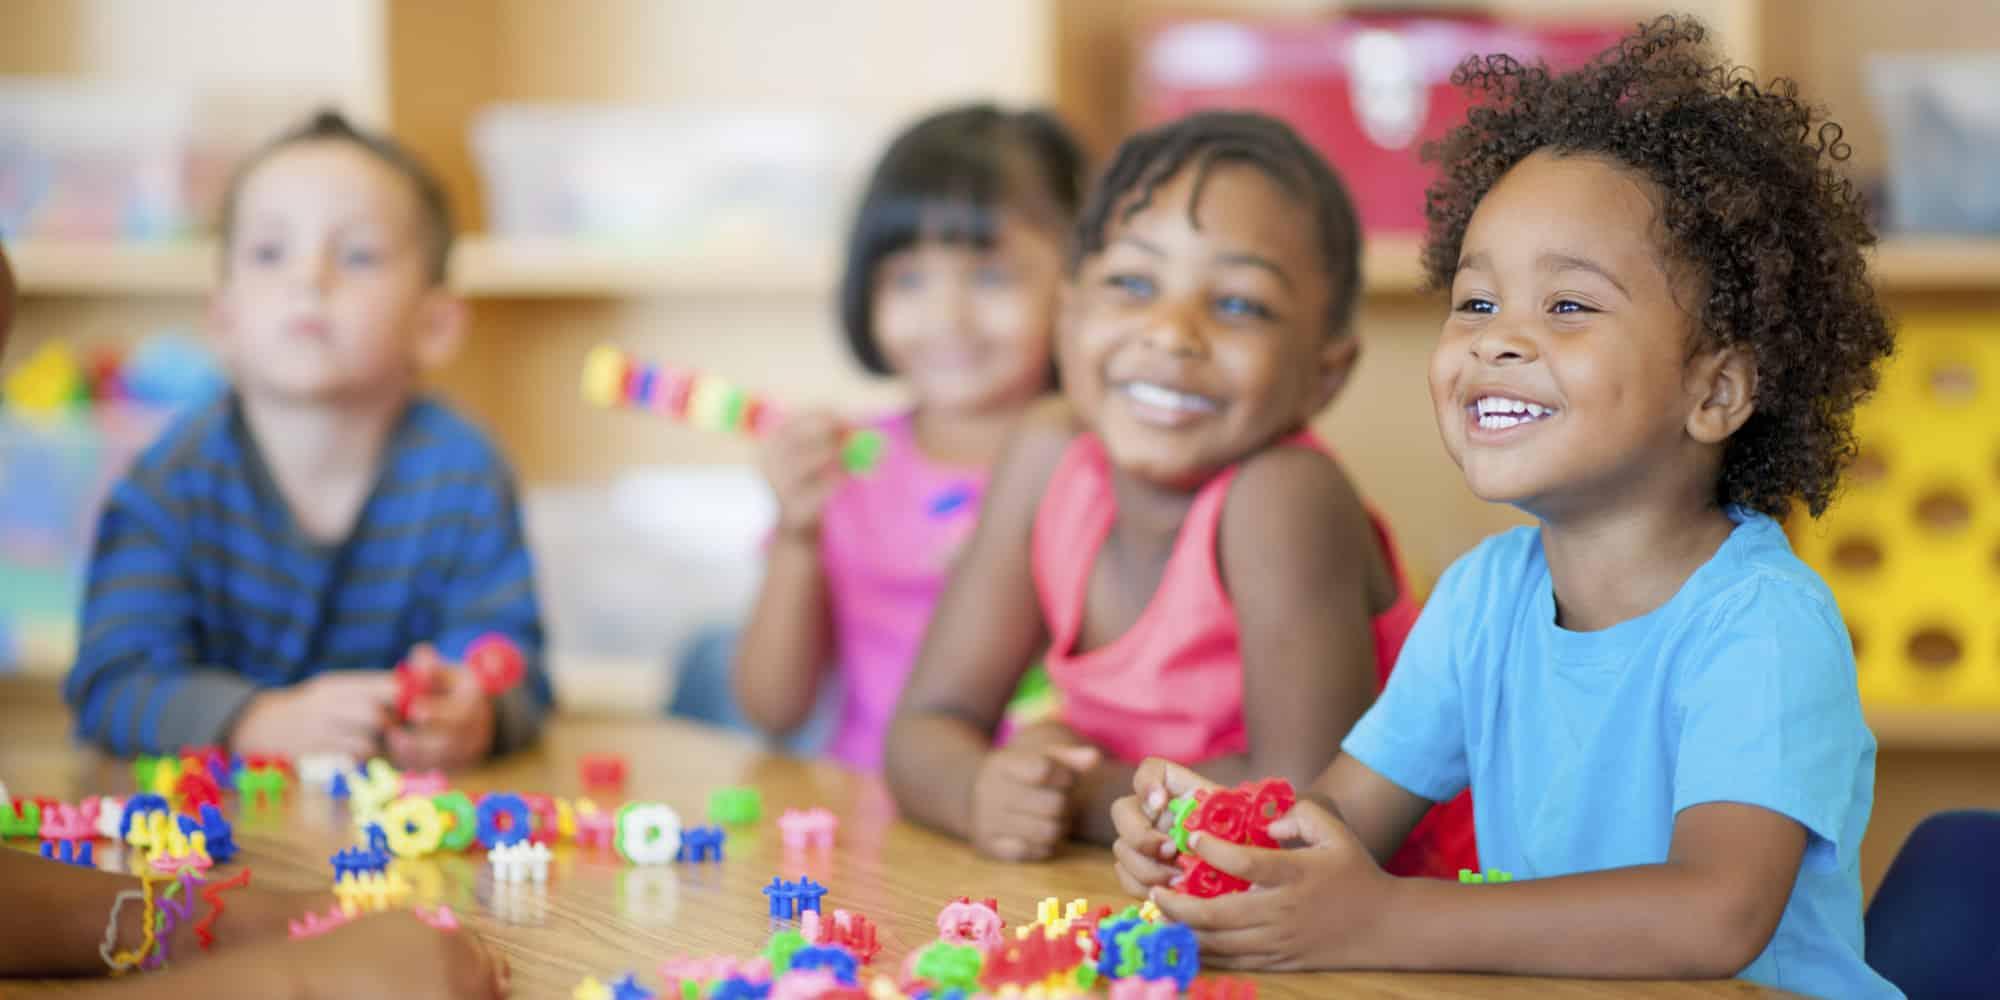 groupe d'enfants plein de sourires